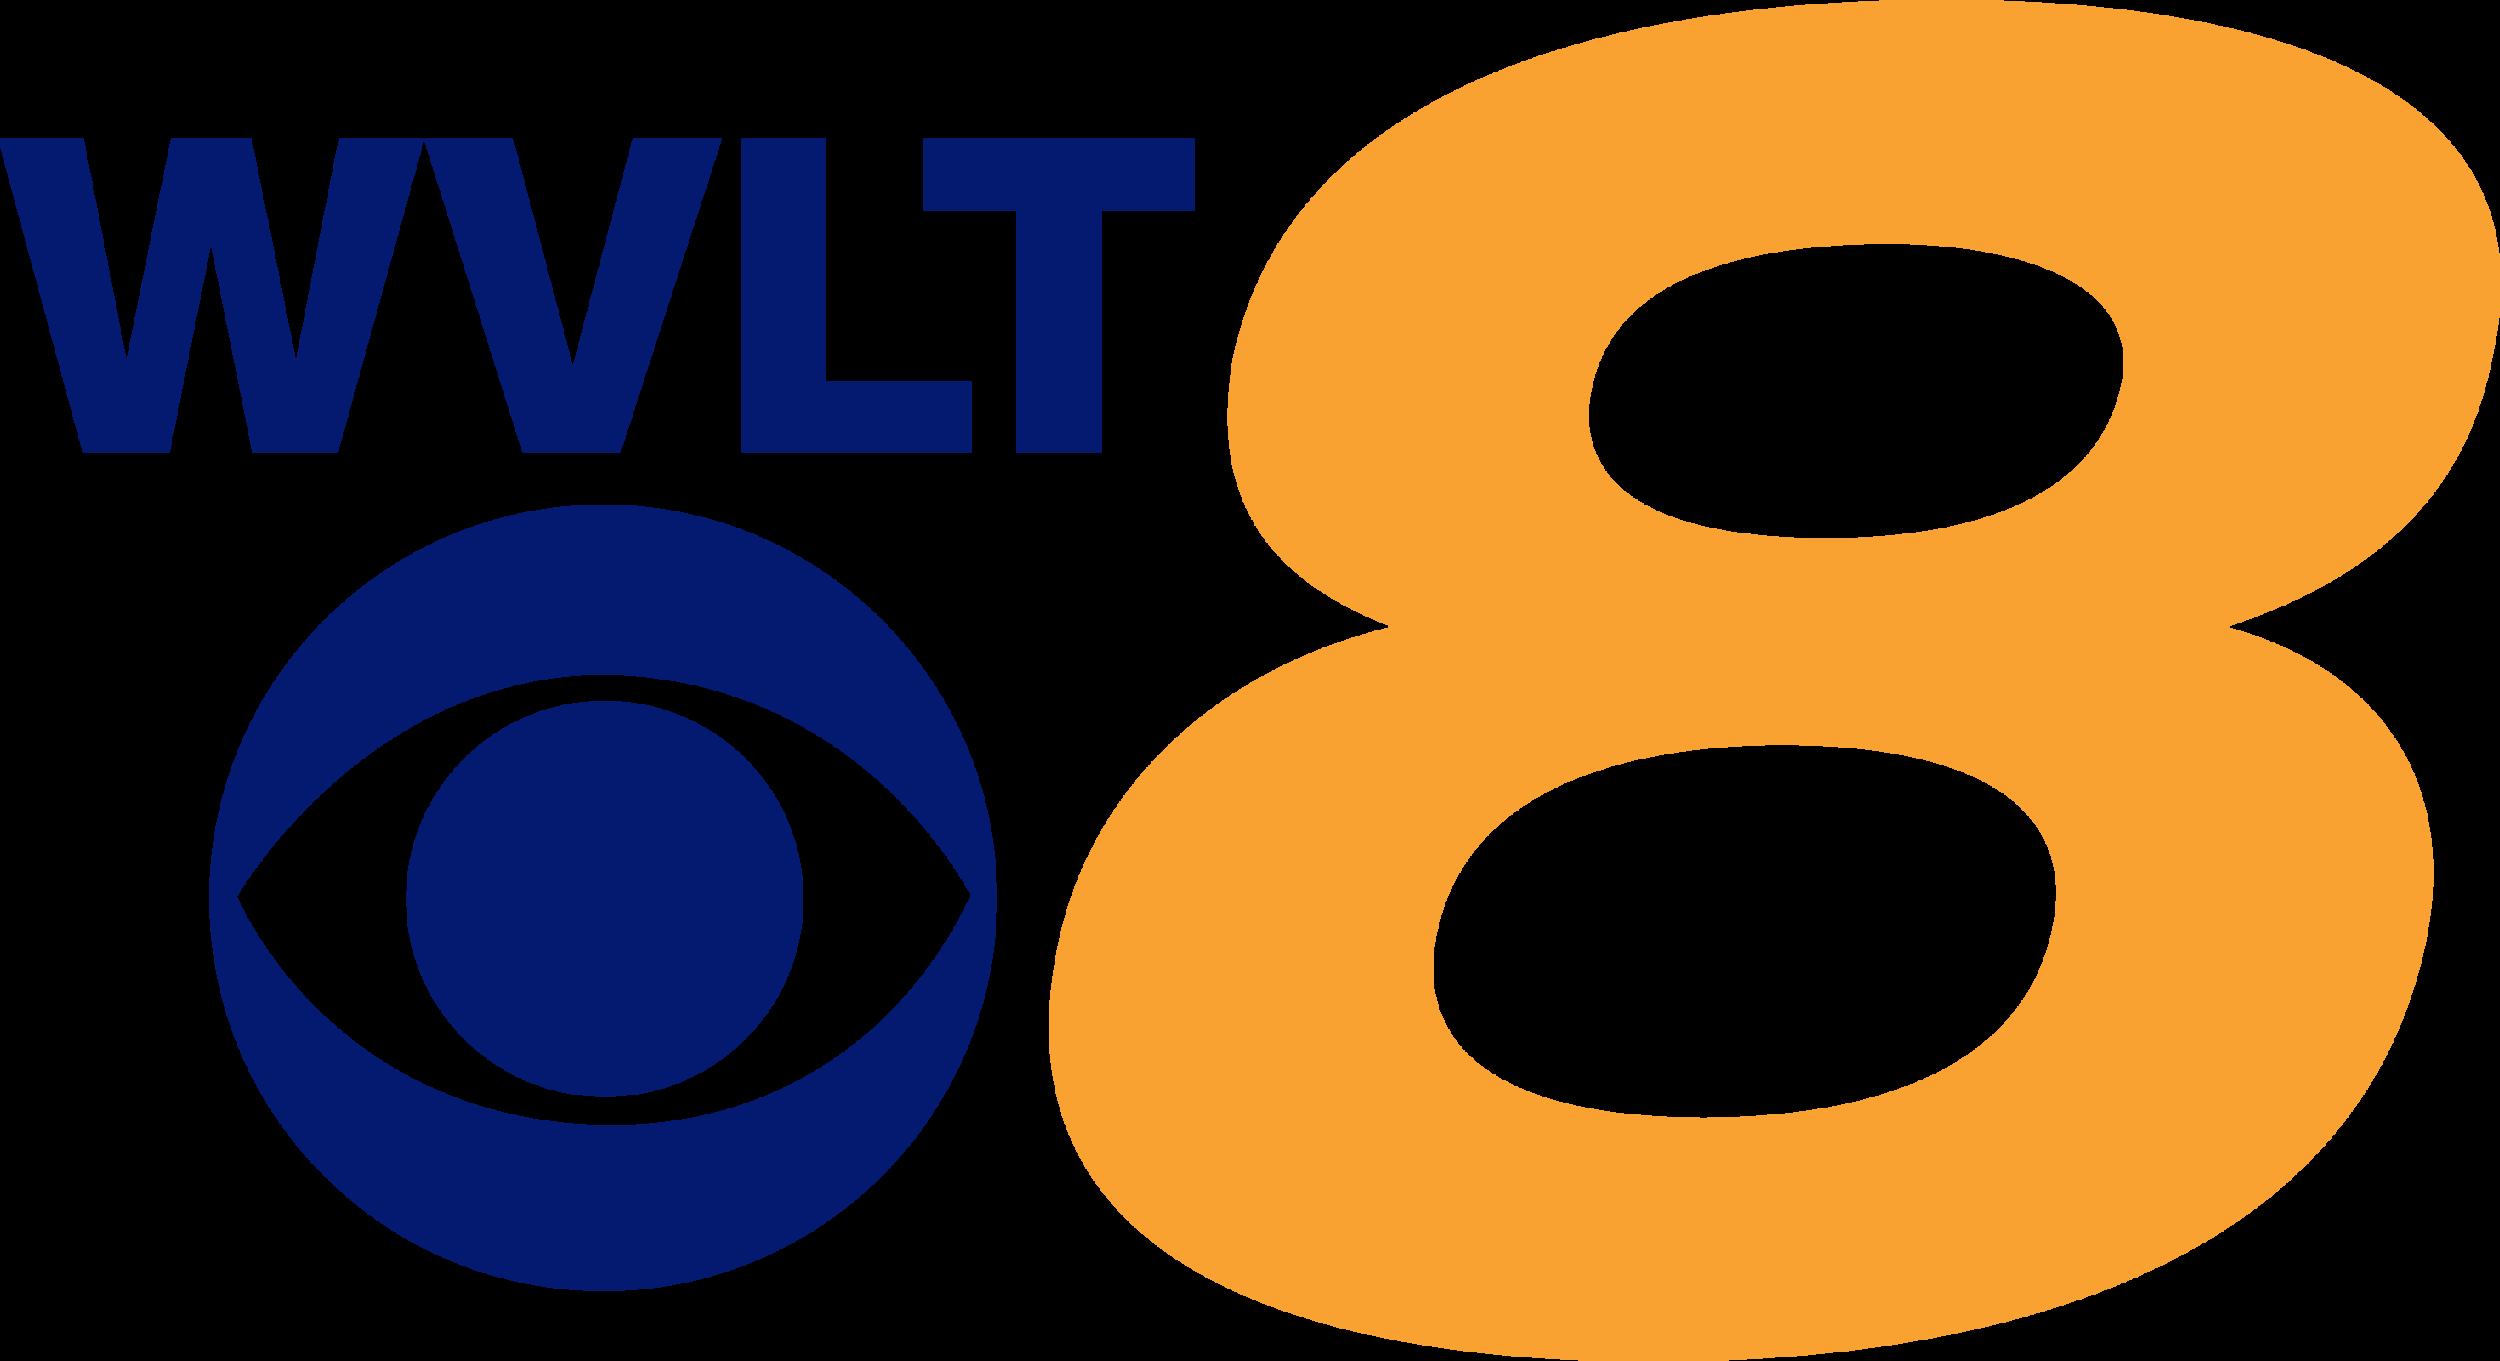 WVLT_2018.png